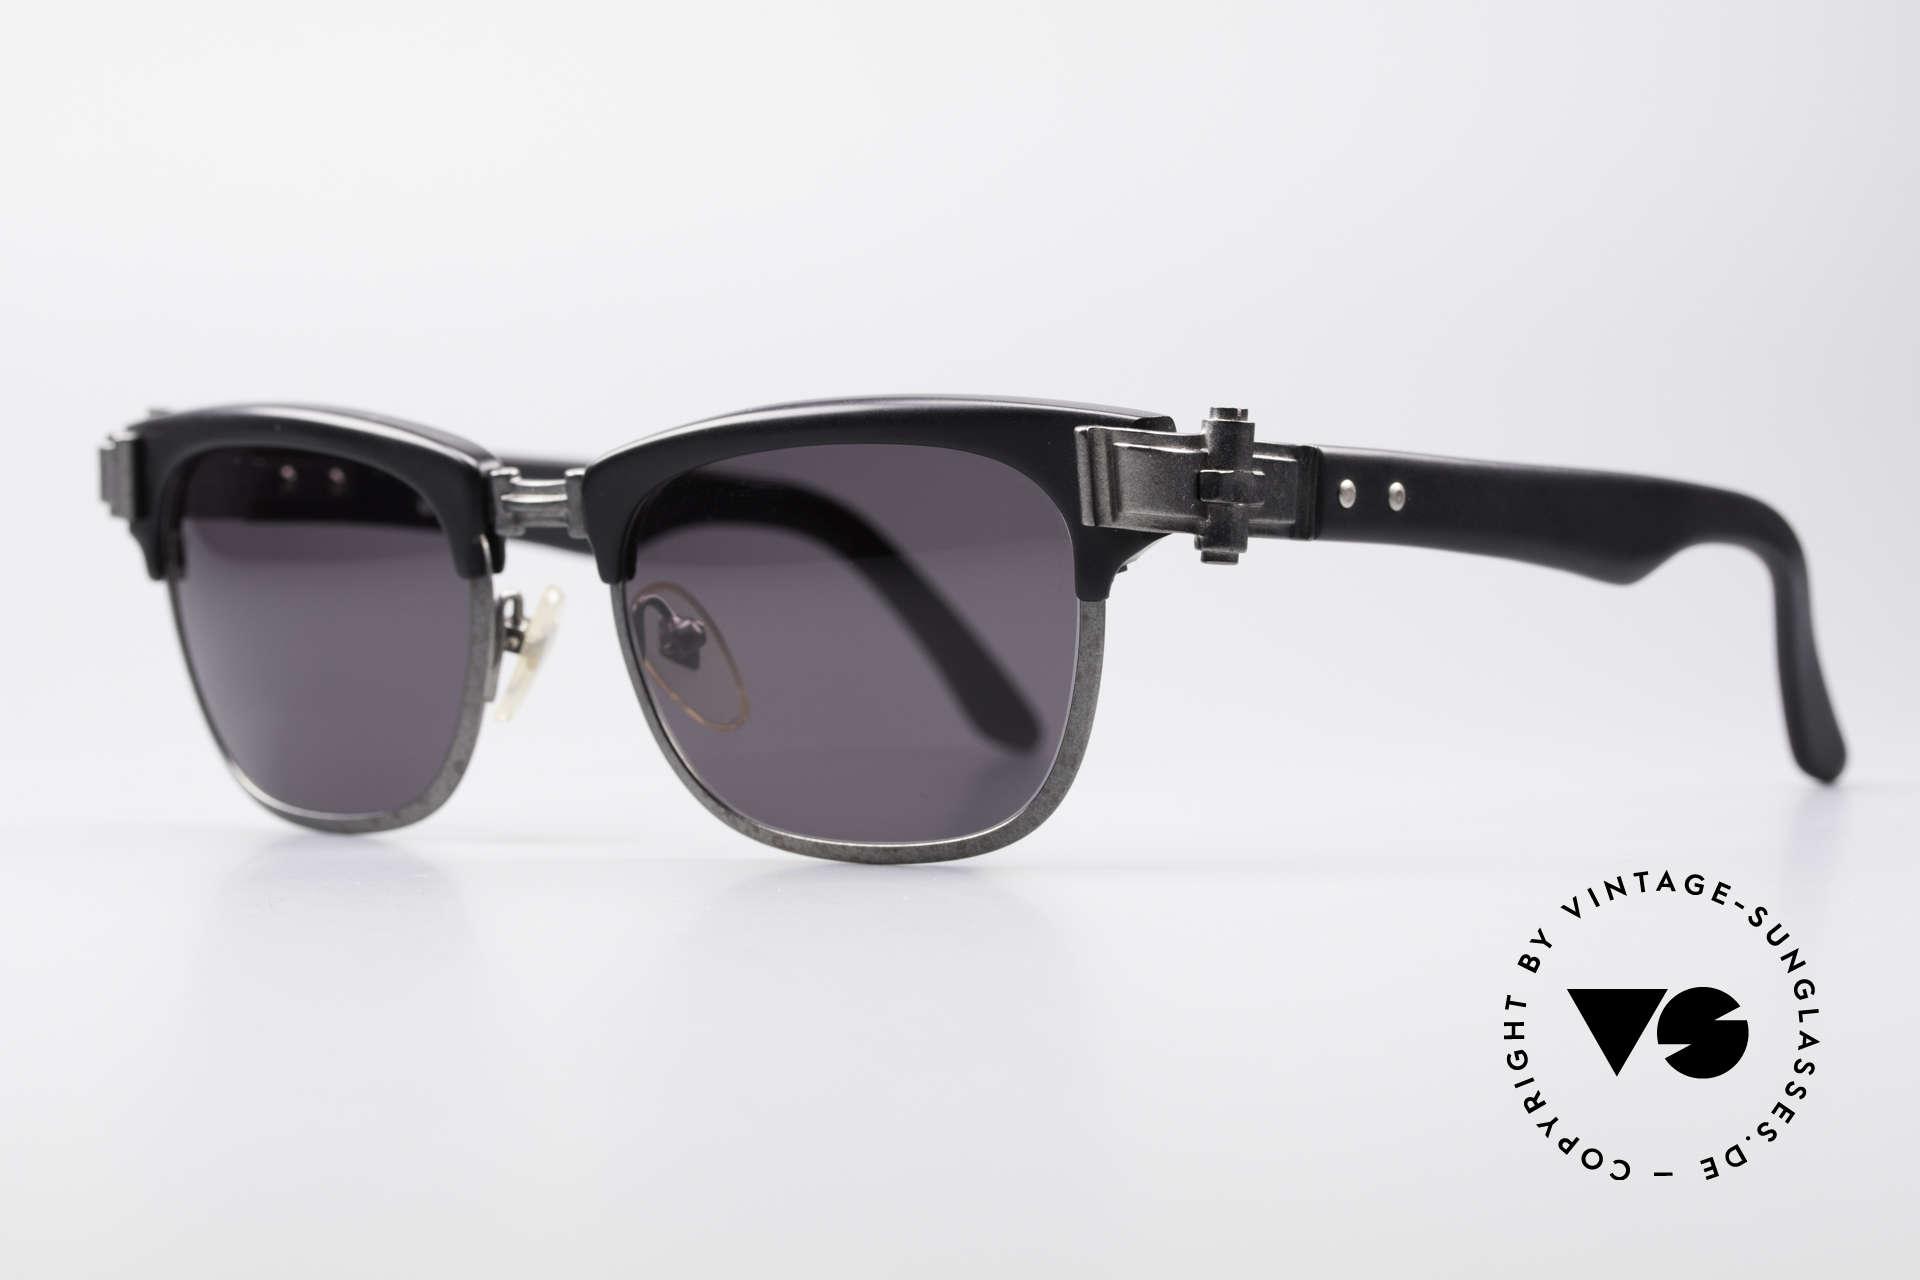 Jean Paul Gaultier 56-5202 90er Designer Sonnenbrille, wahres Meisterstück in Sachen Qualität und Design, Passend für Herren und Damen